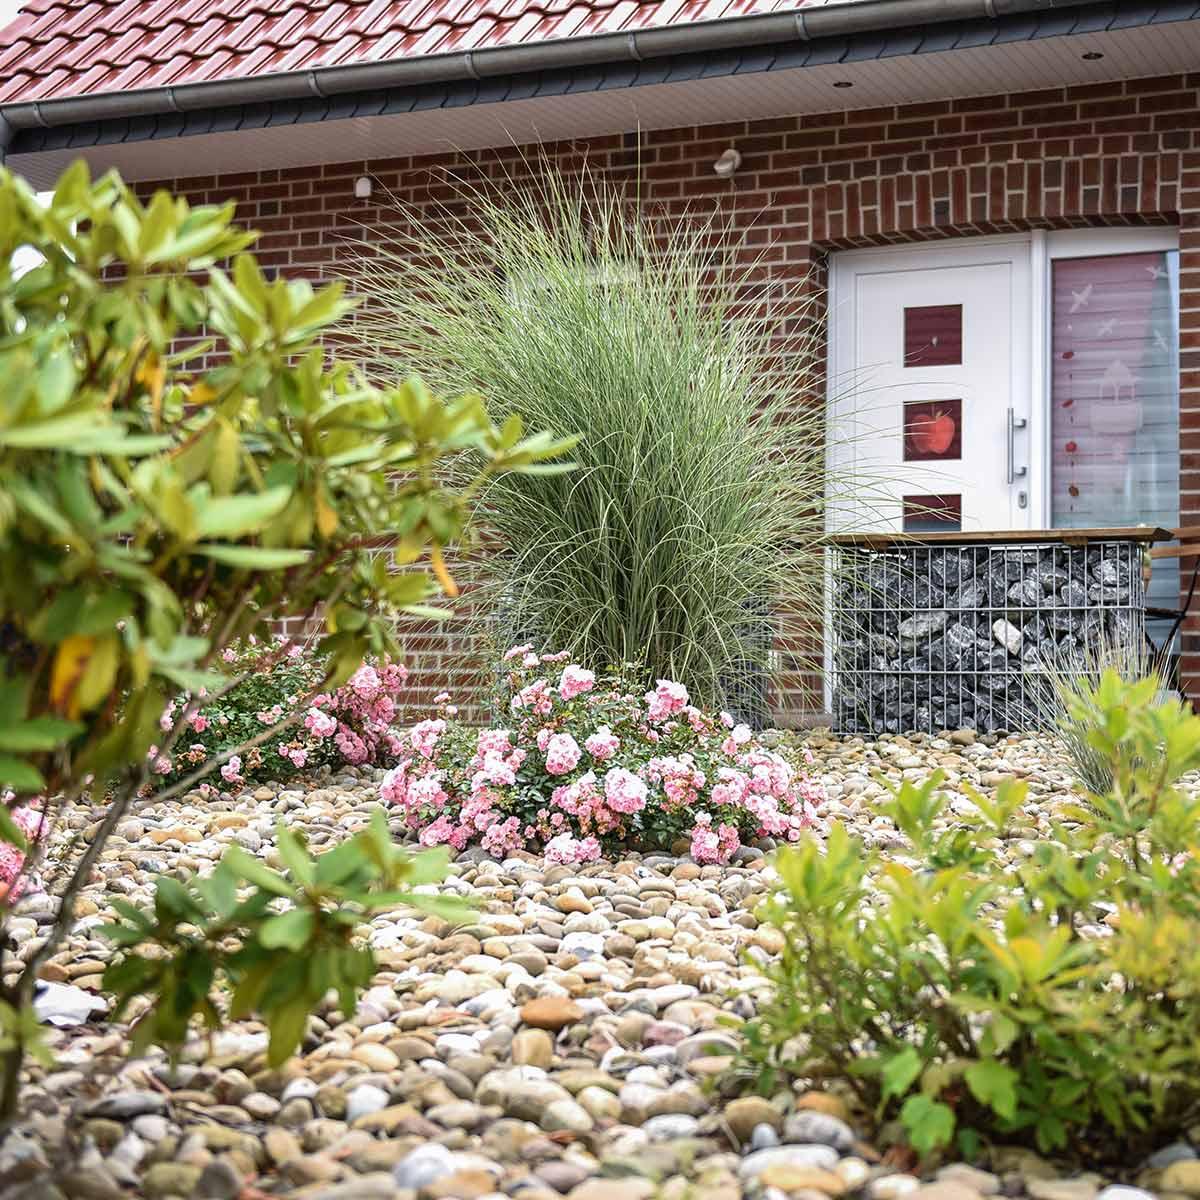 Vorgartengestaltung im raum wilhelmshaven wittmund jever for Vorgartengestaltung bilder